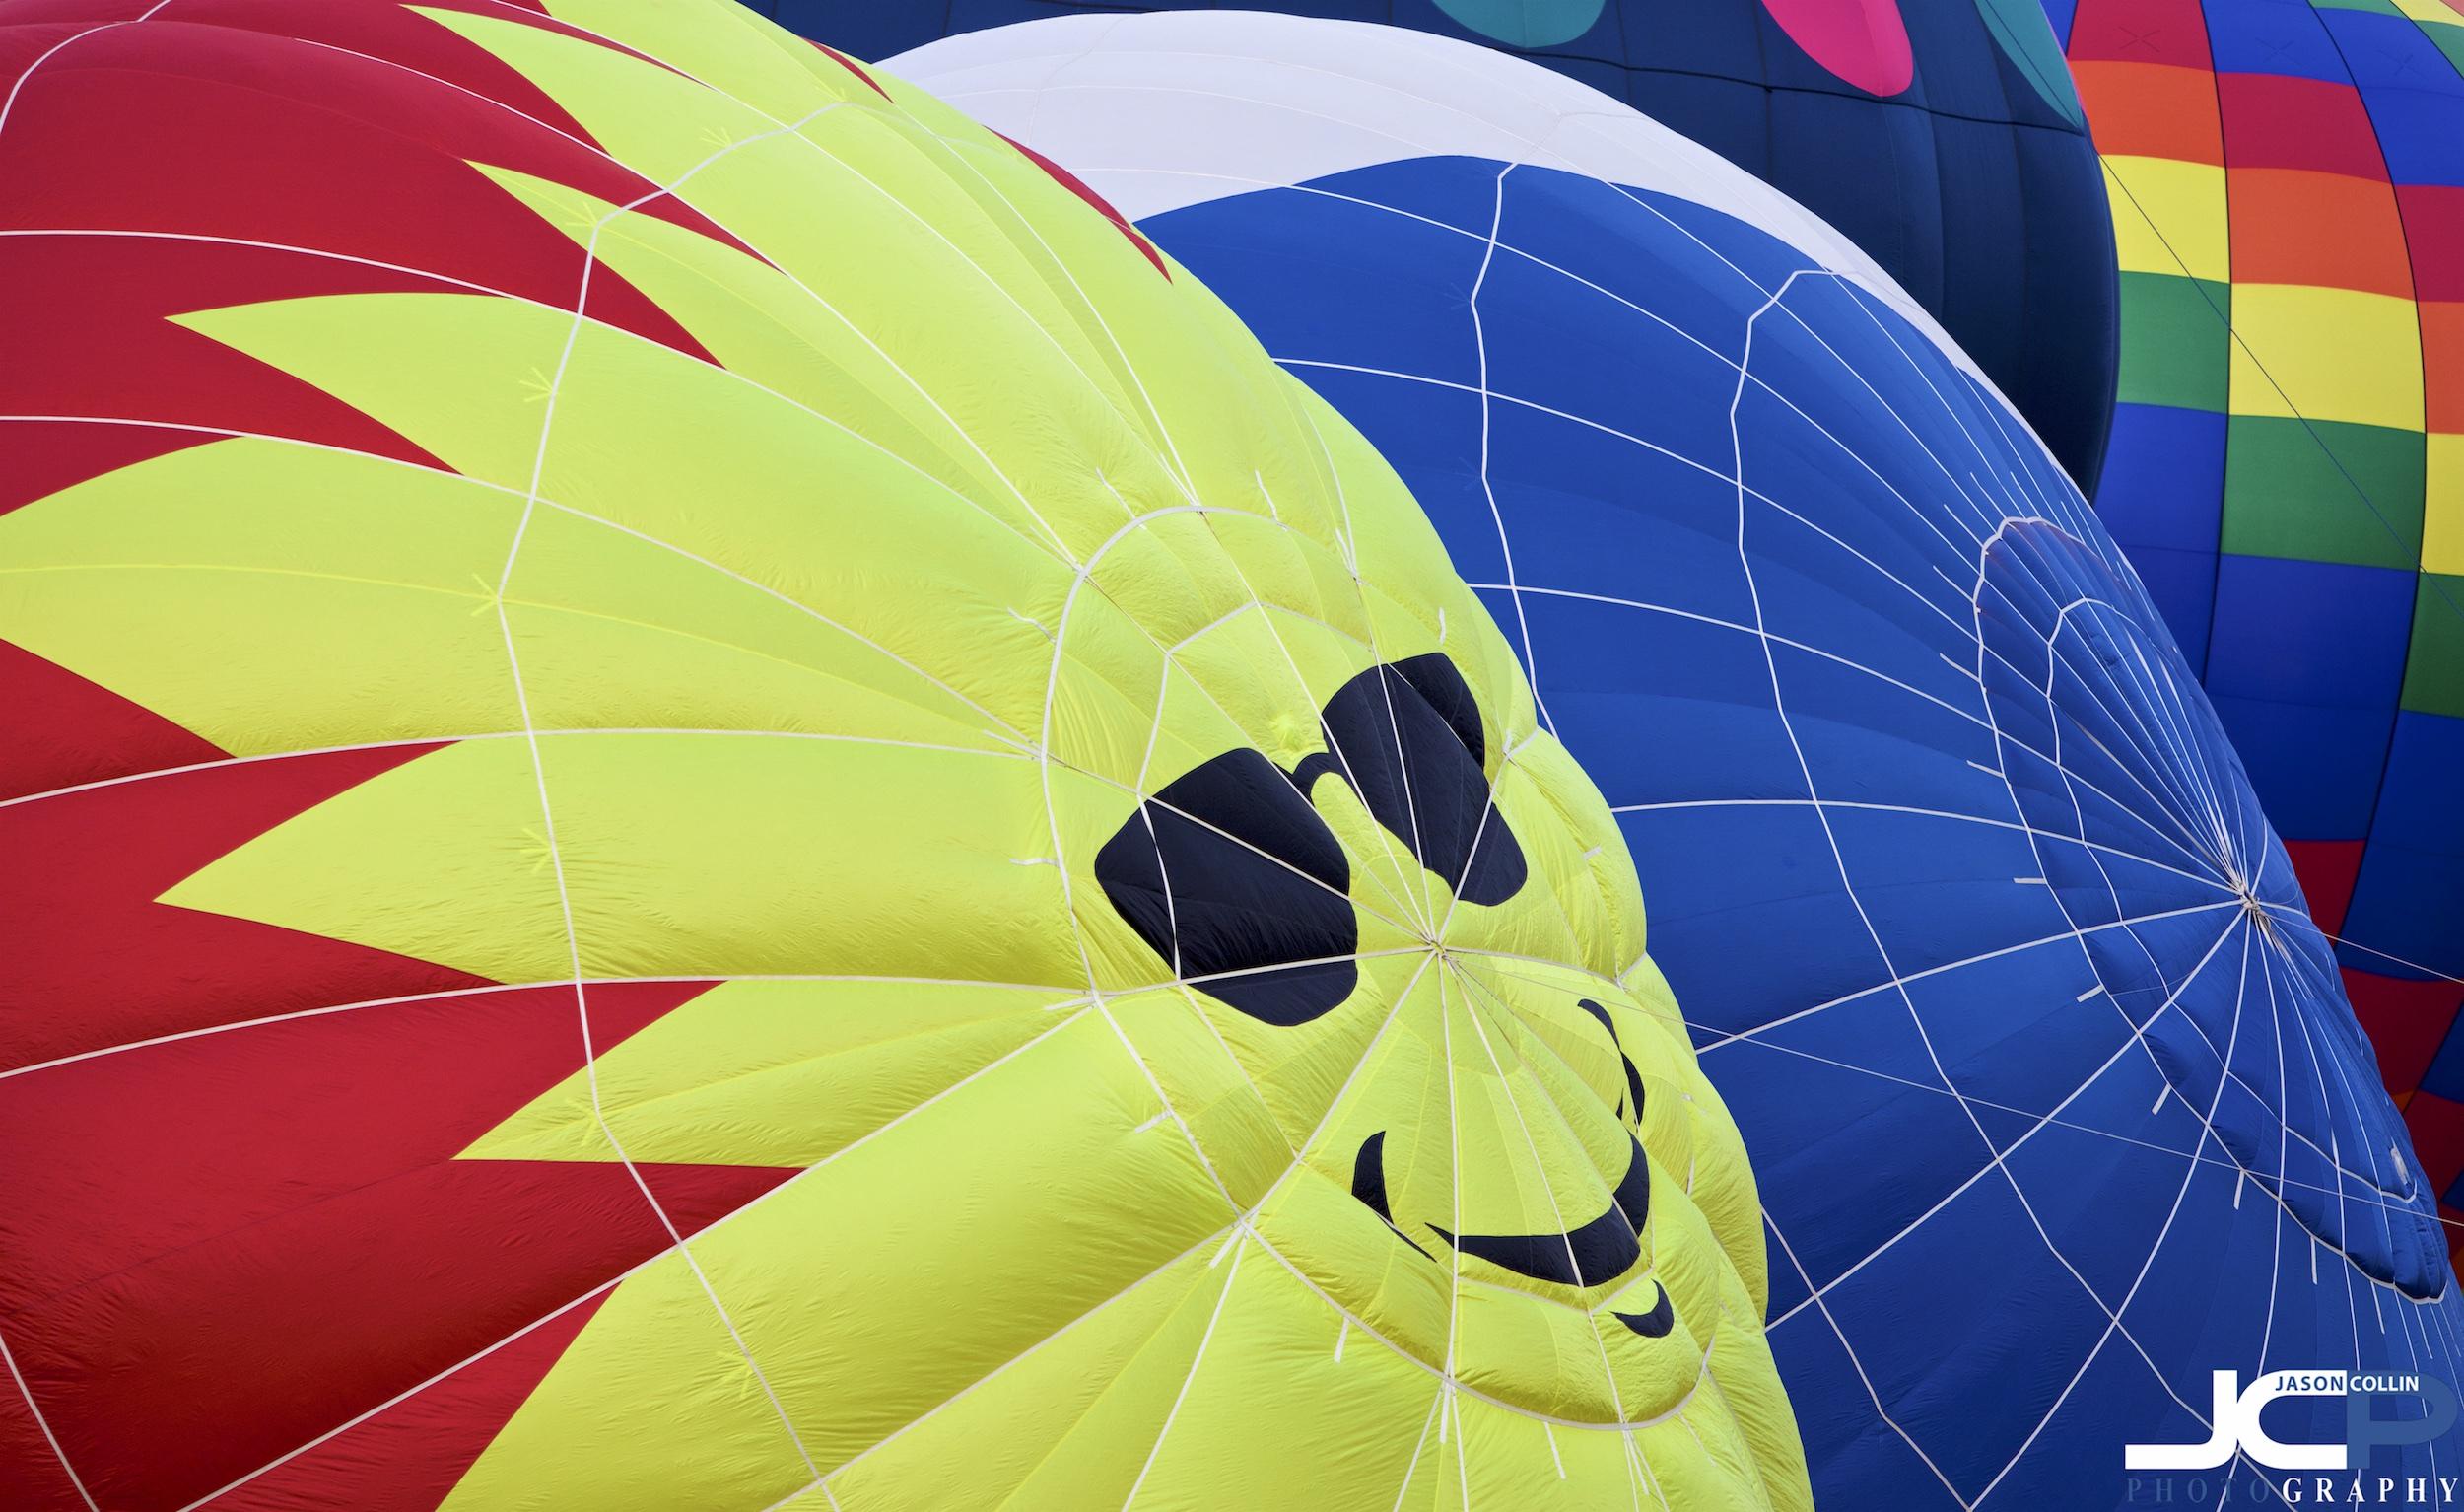 ballon-fiesta-2018-nm-108151.jpg